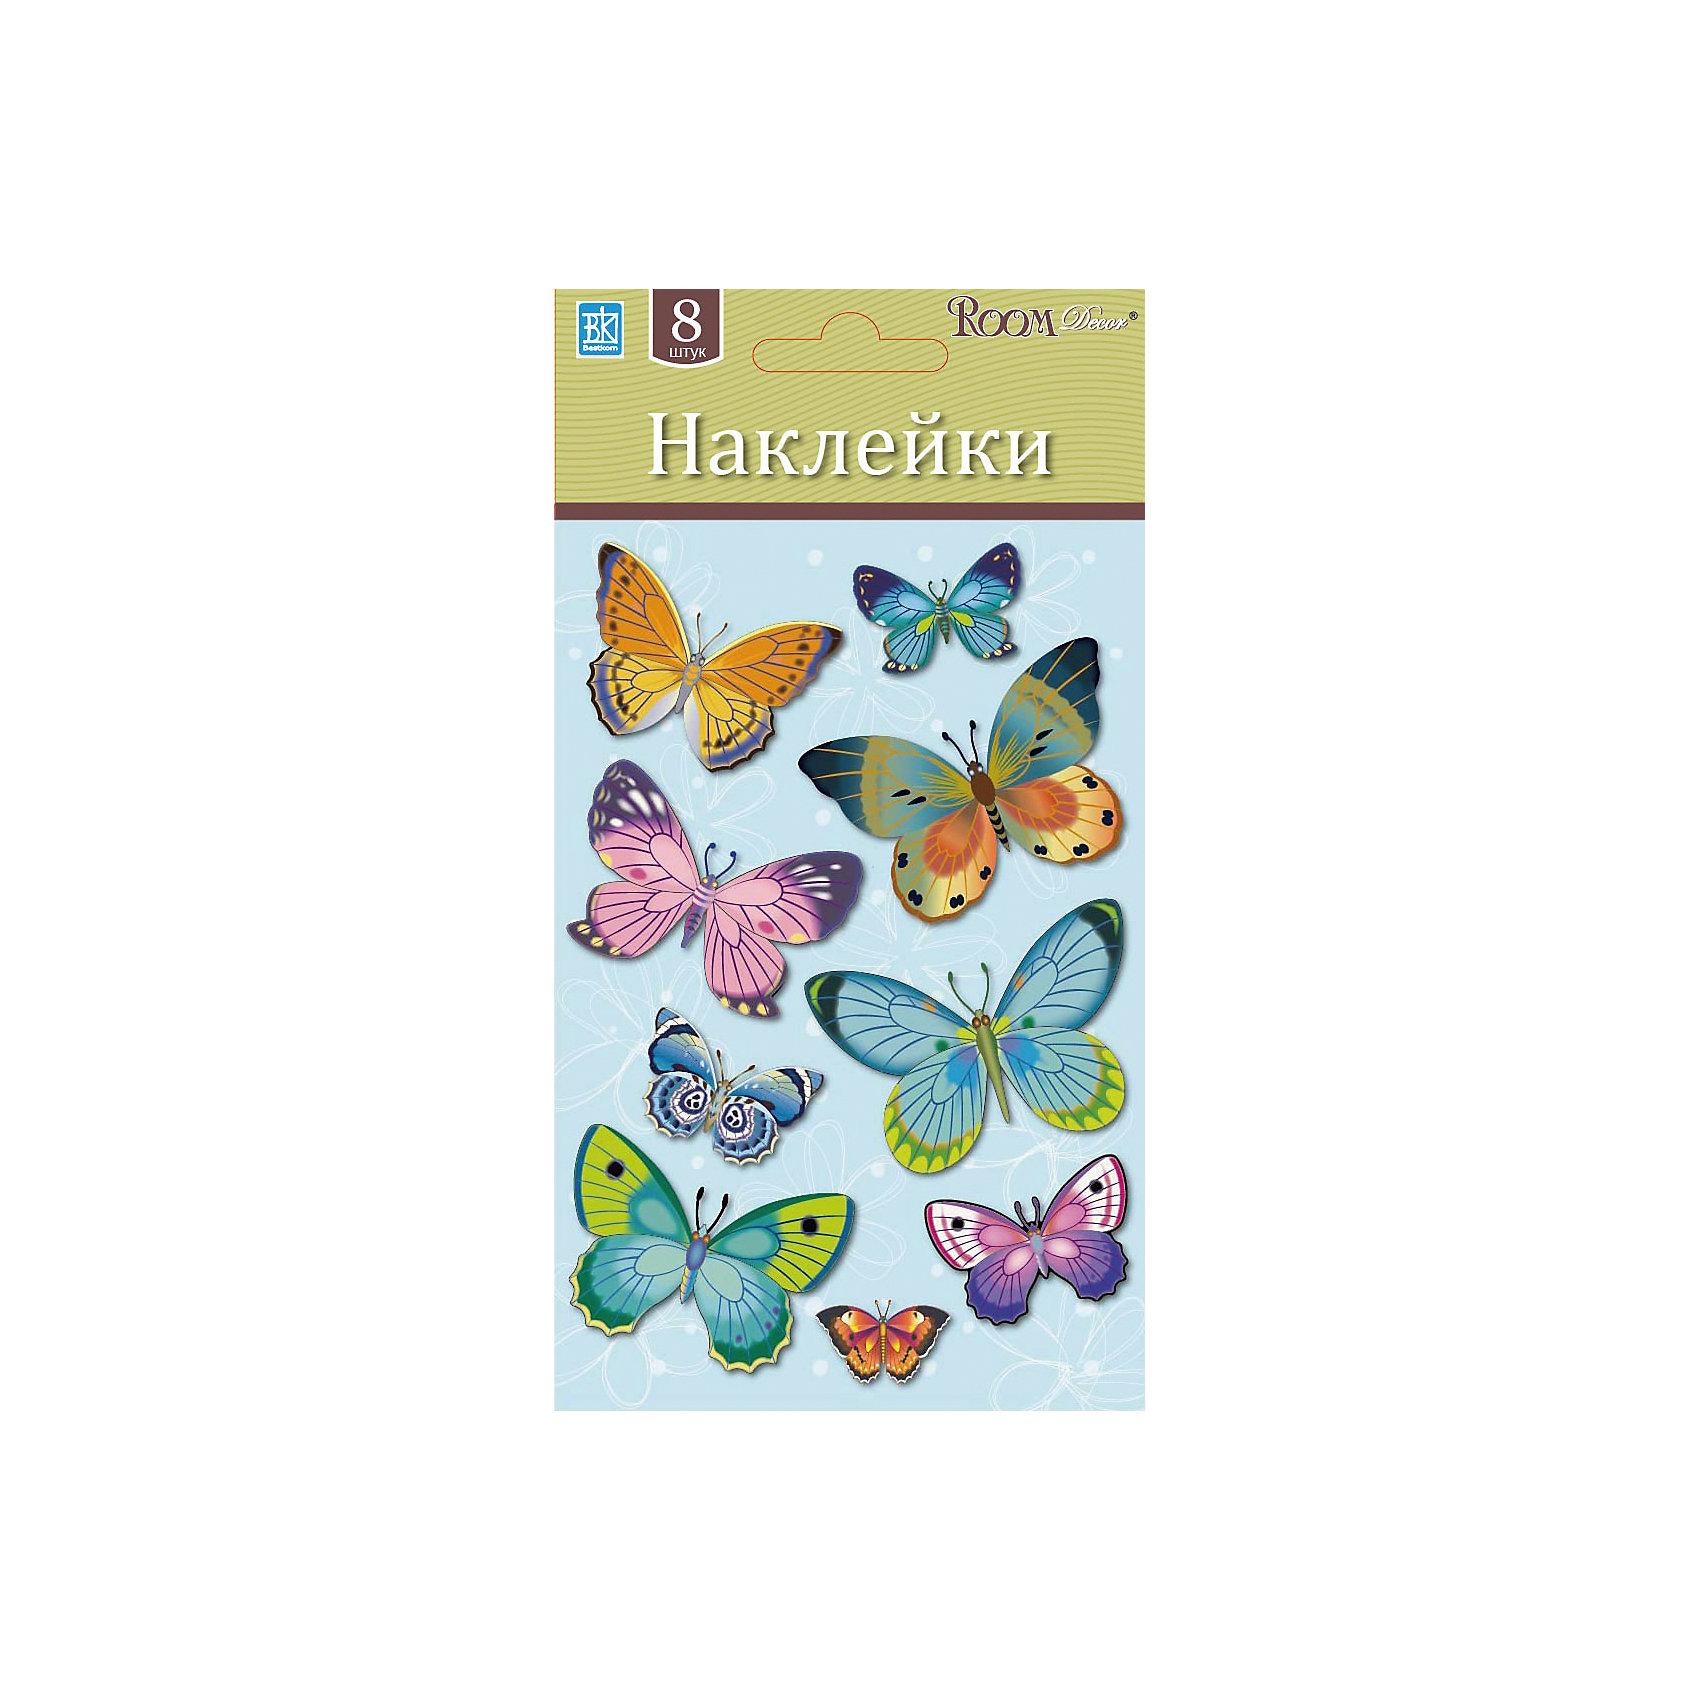 Наклейка Бабочки мини LCHPA 05007, Room Decor, разноцветный